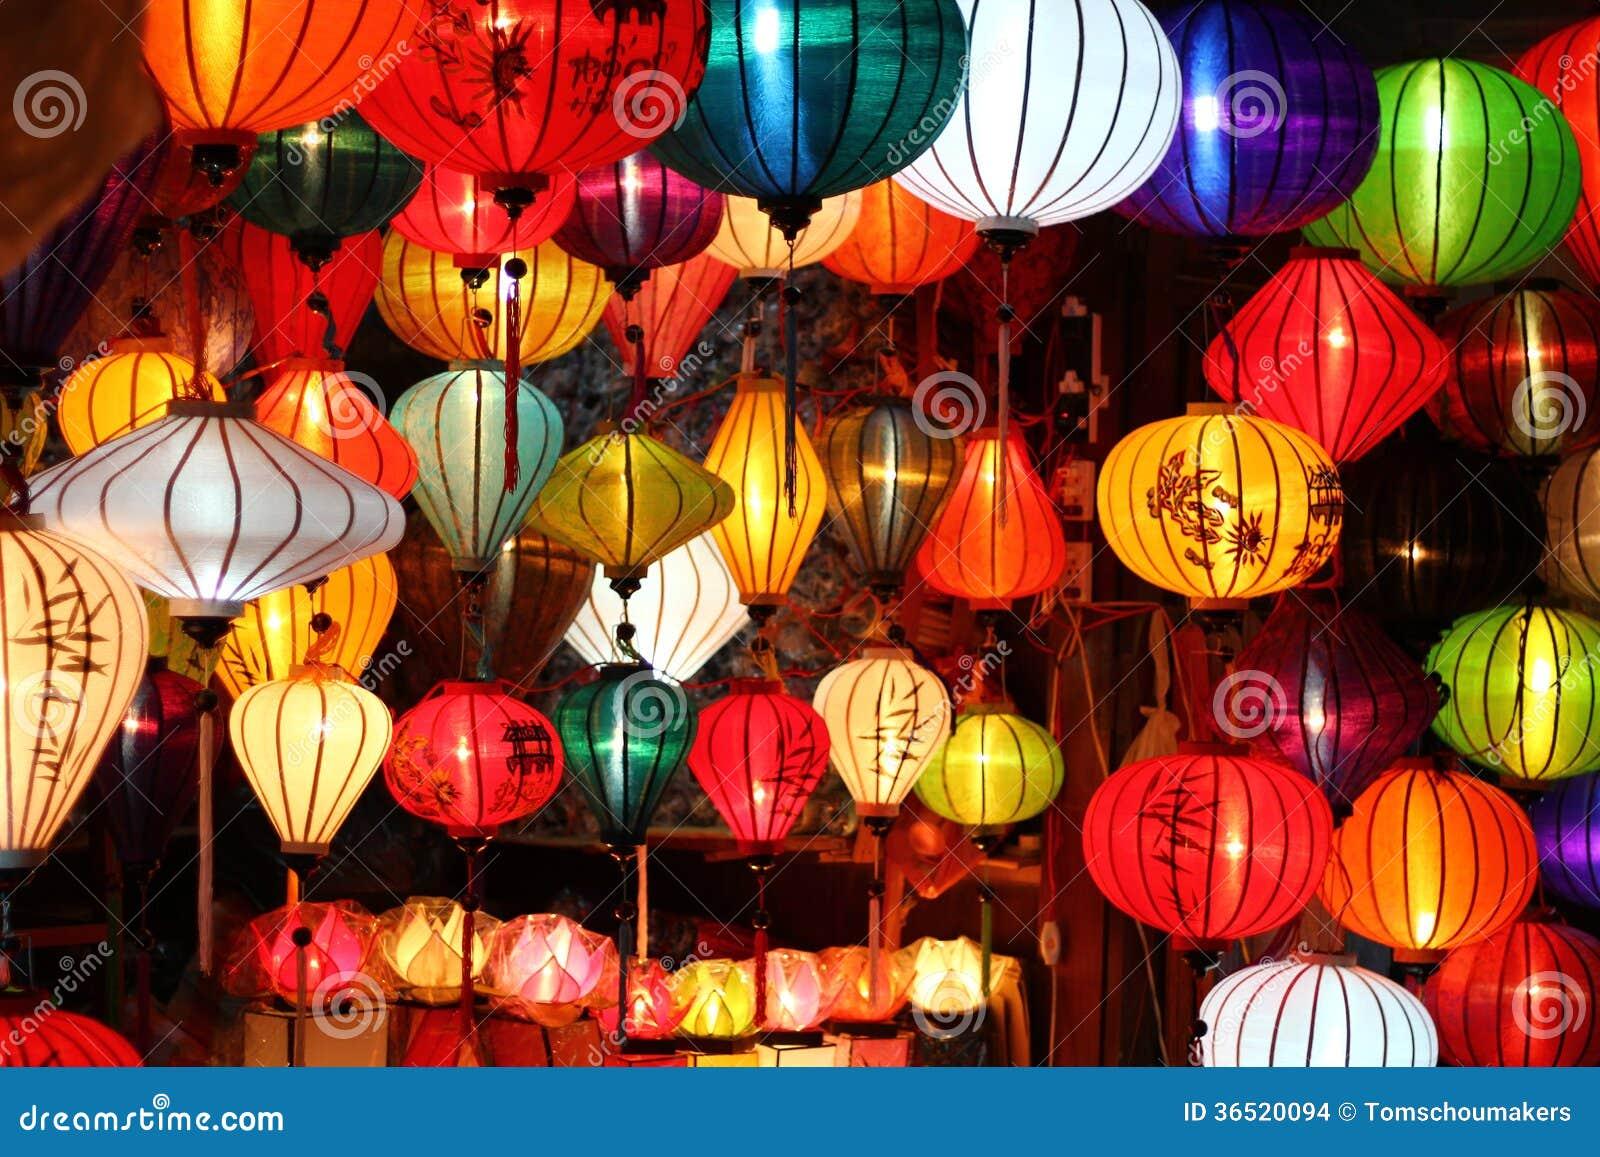 Lanternes en soie vietnamiennes colorées